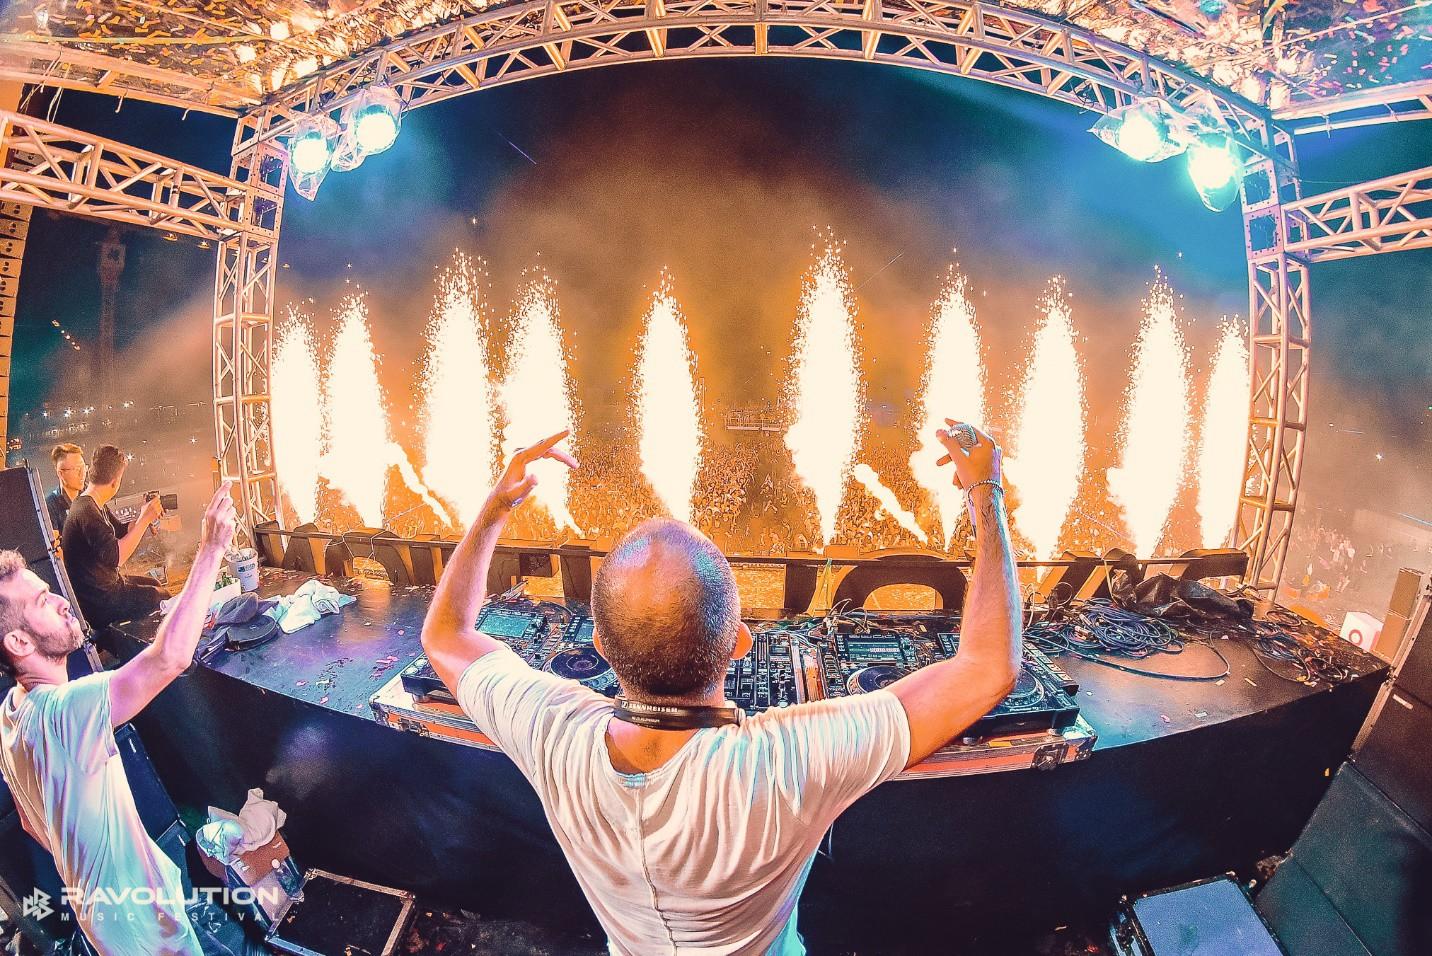 """DJ Minh Trí, Huy DX cùng 4 phù thủy EDM hàng đầu thế giới """"quẩy tung"""" đại hội âm nhạc tại Sài Gòn - Ảnh 5."""